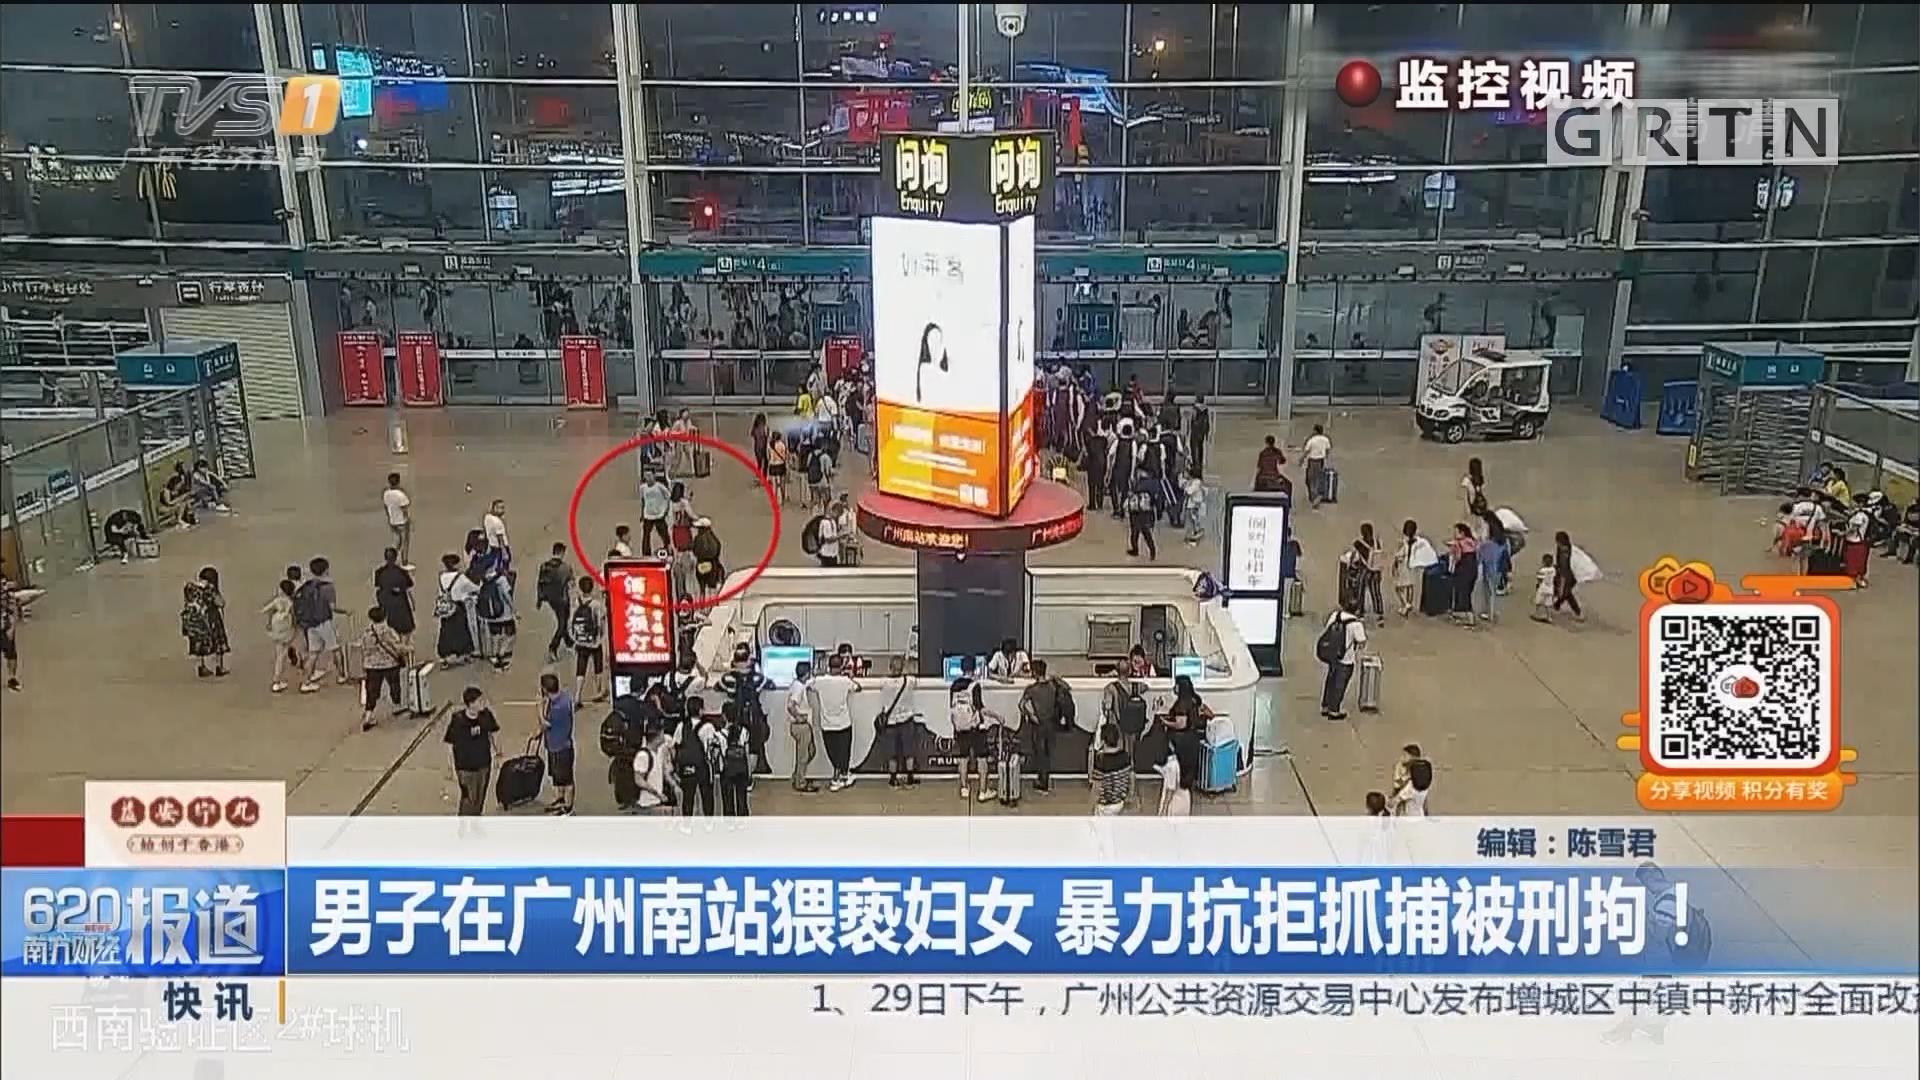 男子在广州南站猥亵妇女 暴力抗拒抓捕被刑拘!